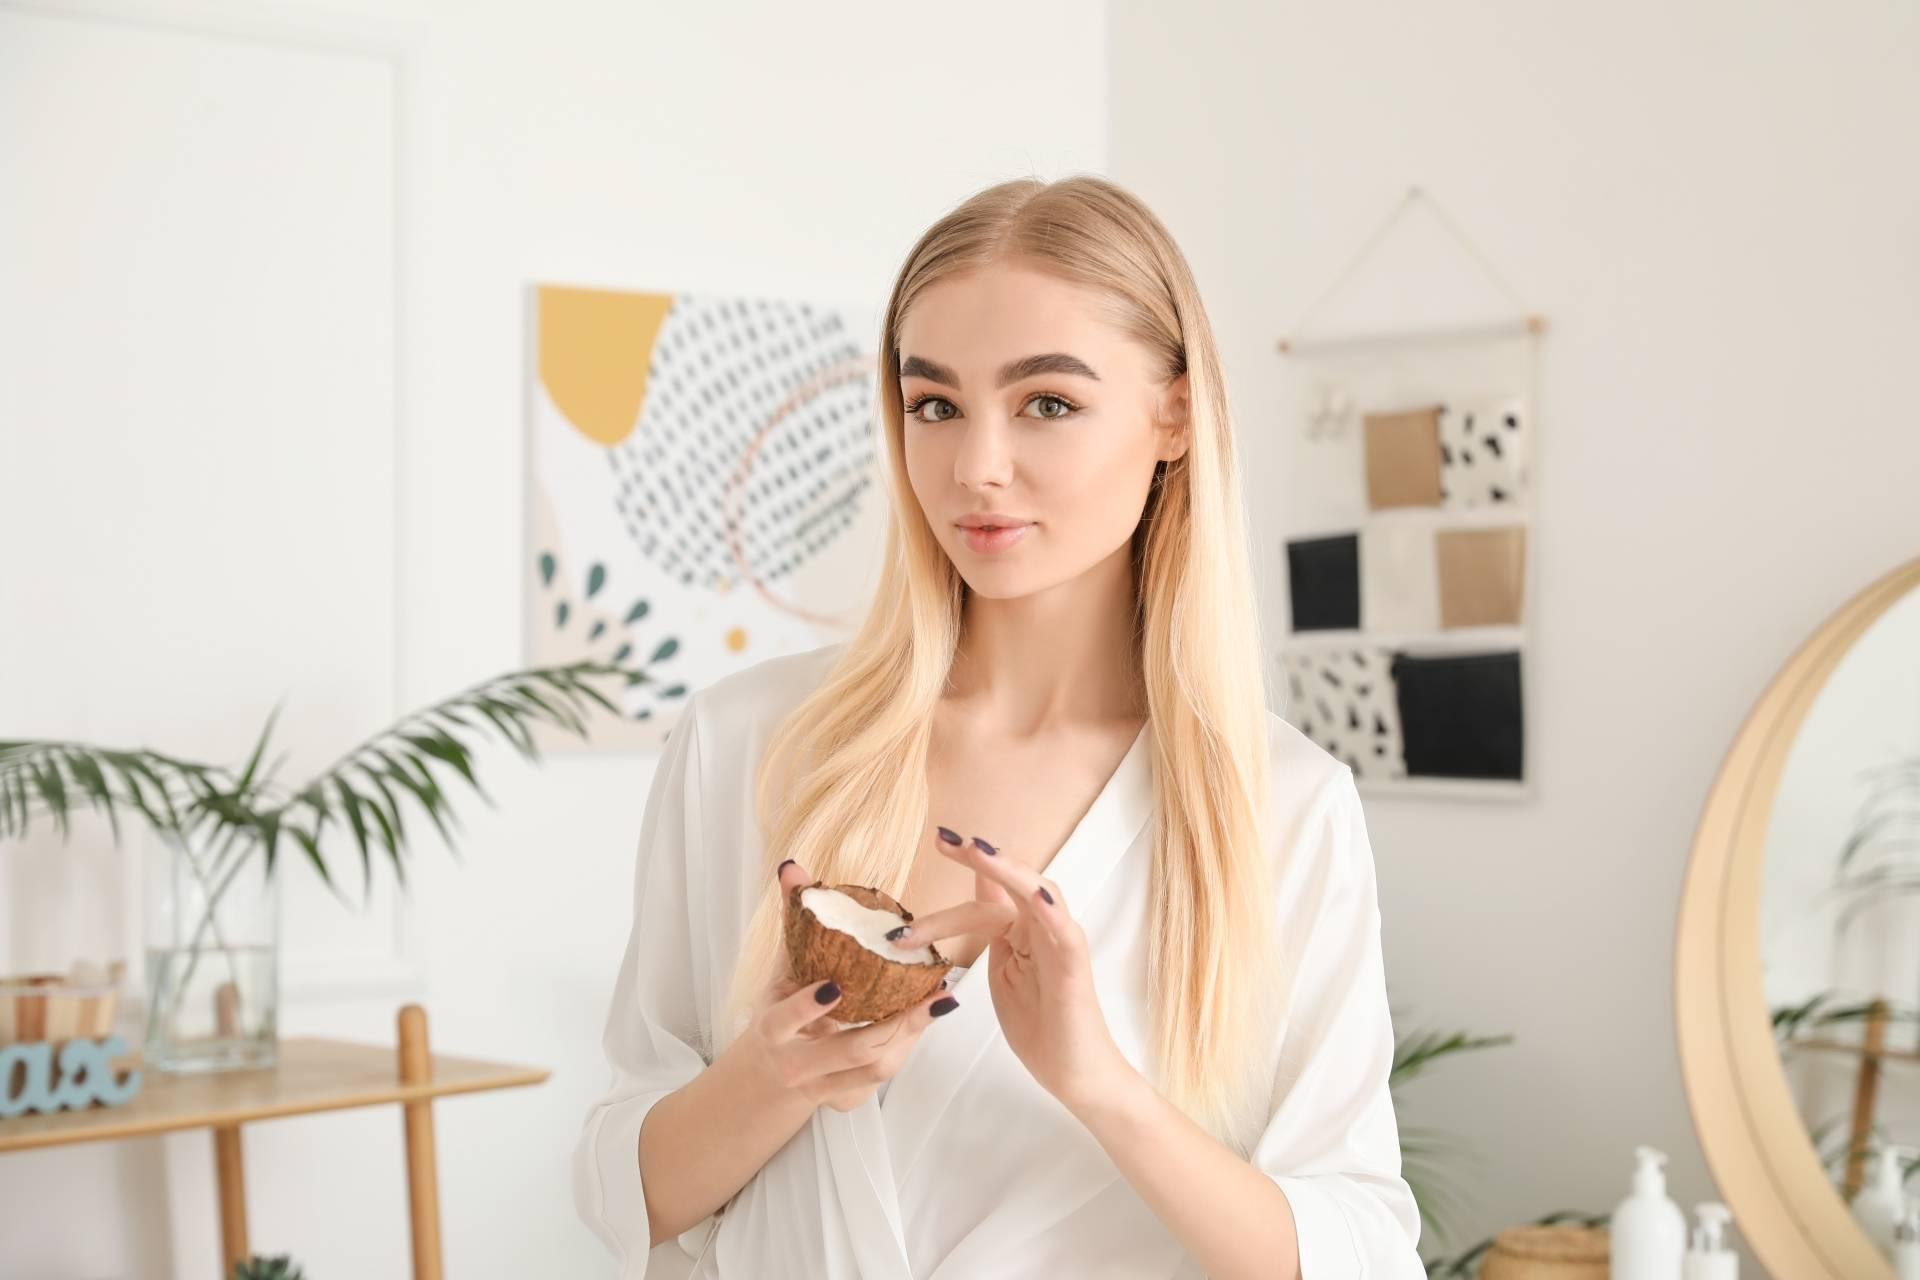 Olej kokosowy na włosy. Młoda atrakcyjna dziewczyna stoi w łazience i trzyma w ręku połówkę kokosa.